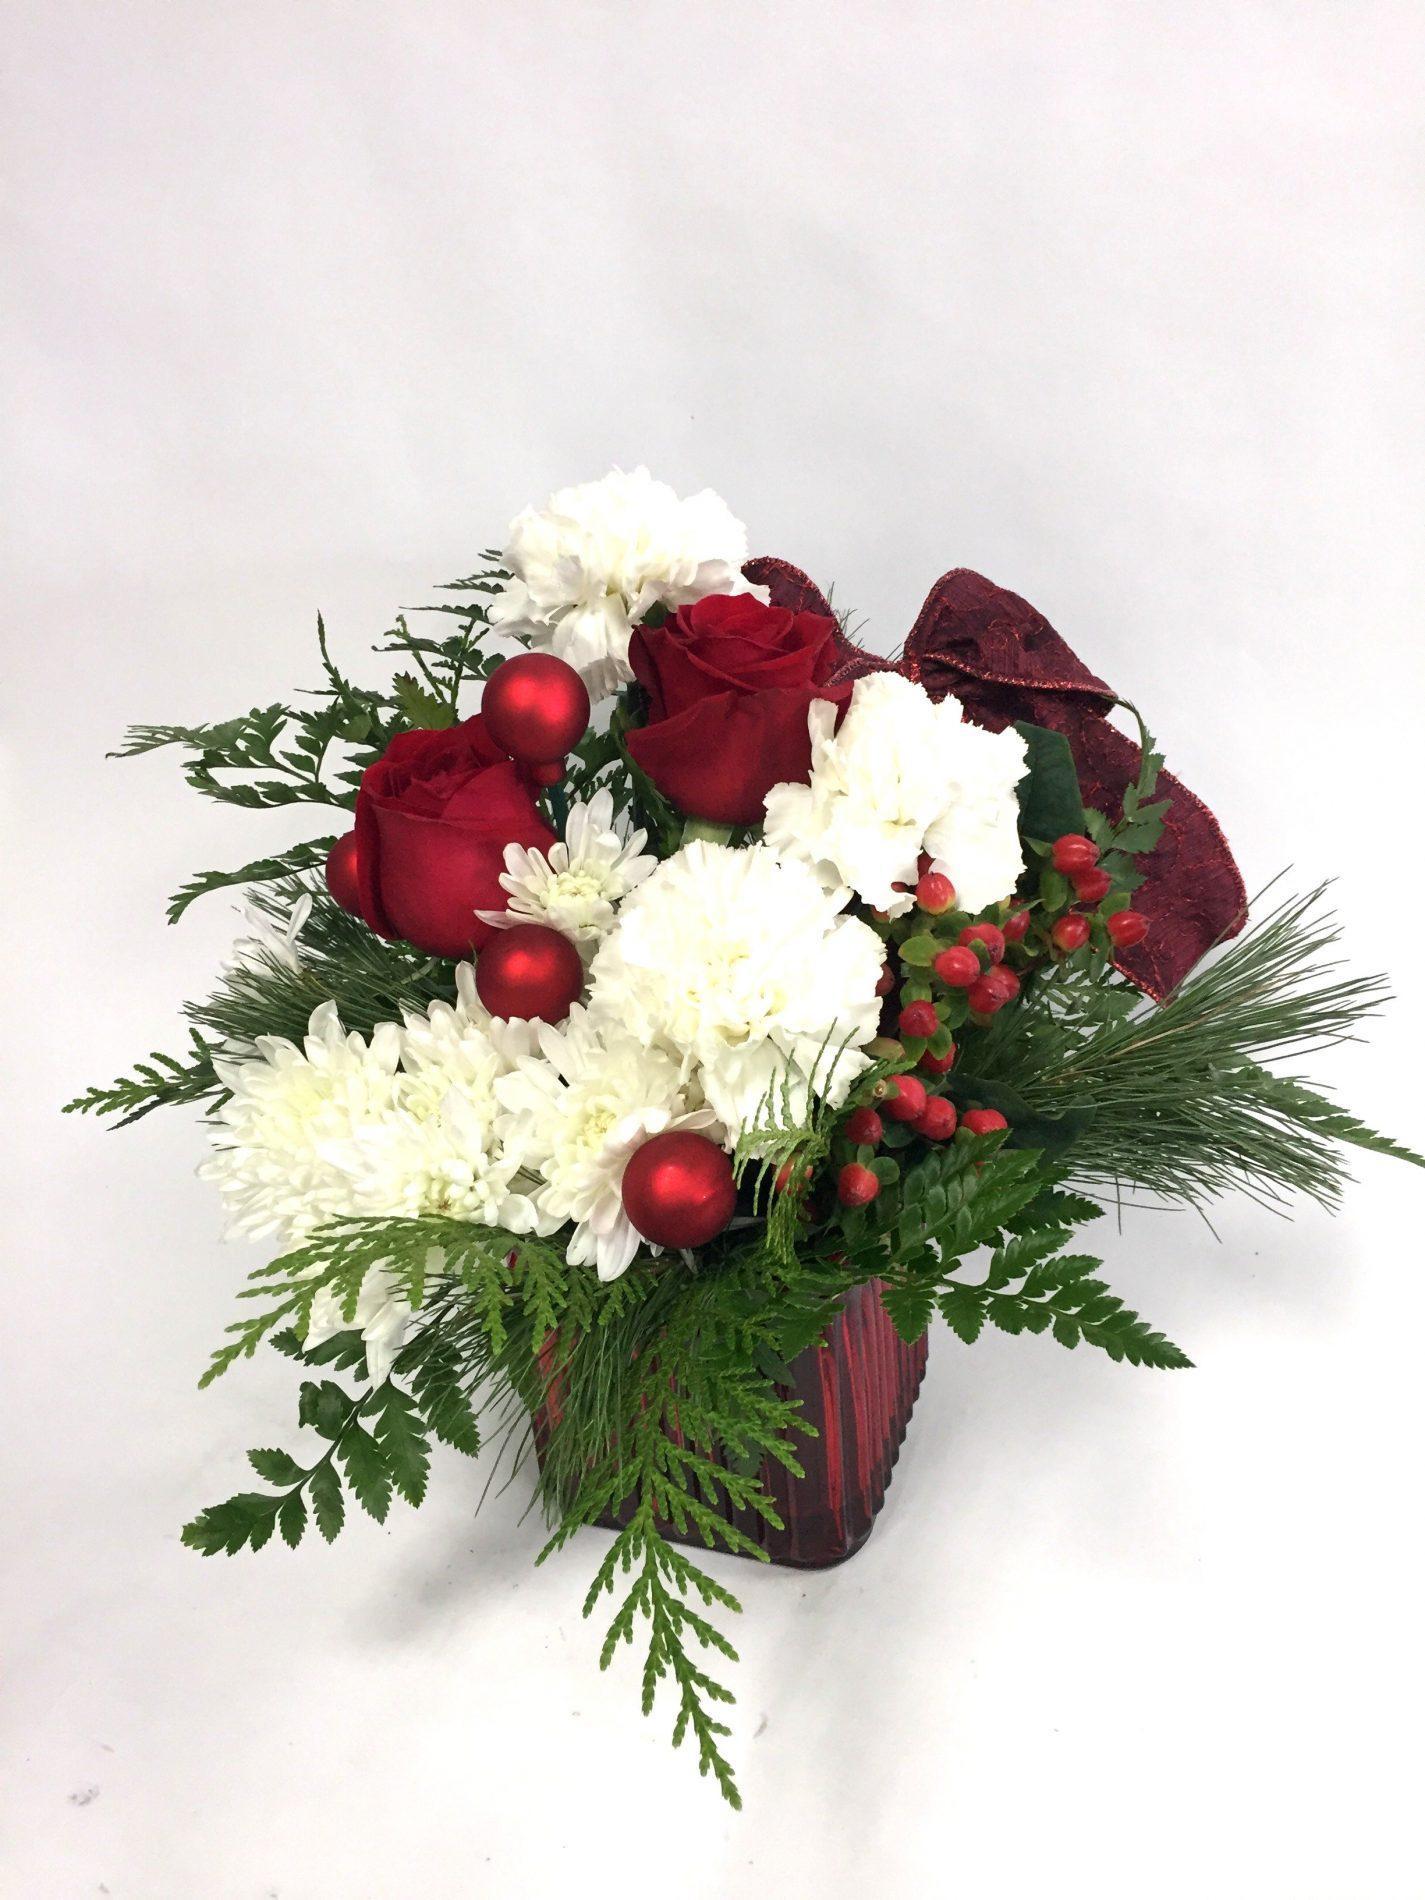 centre de table de noel, sapinage, roses rouges, oeillet blanc